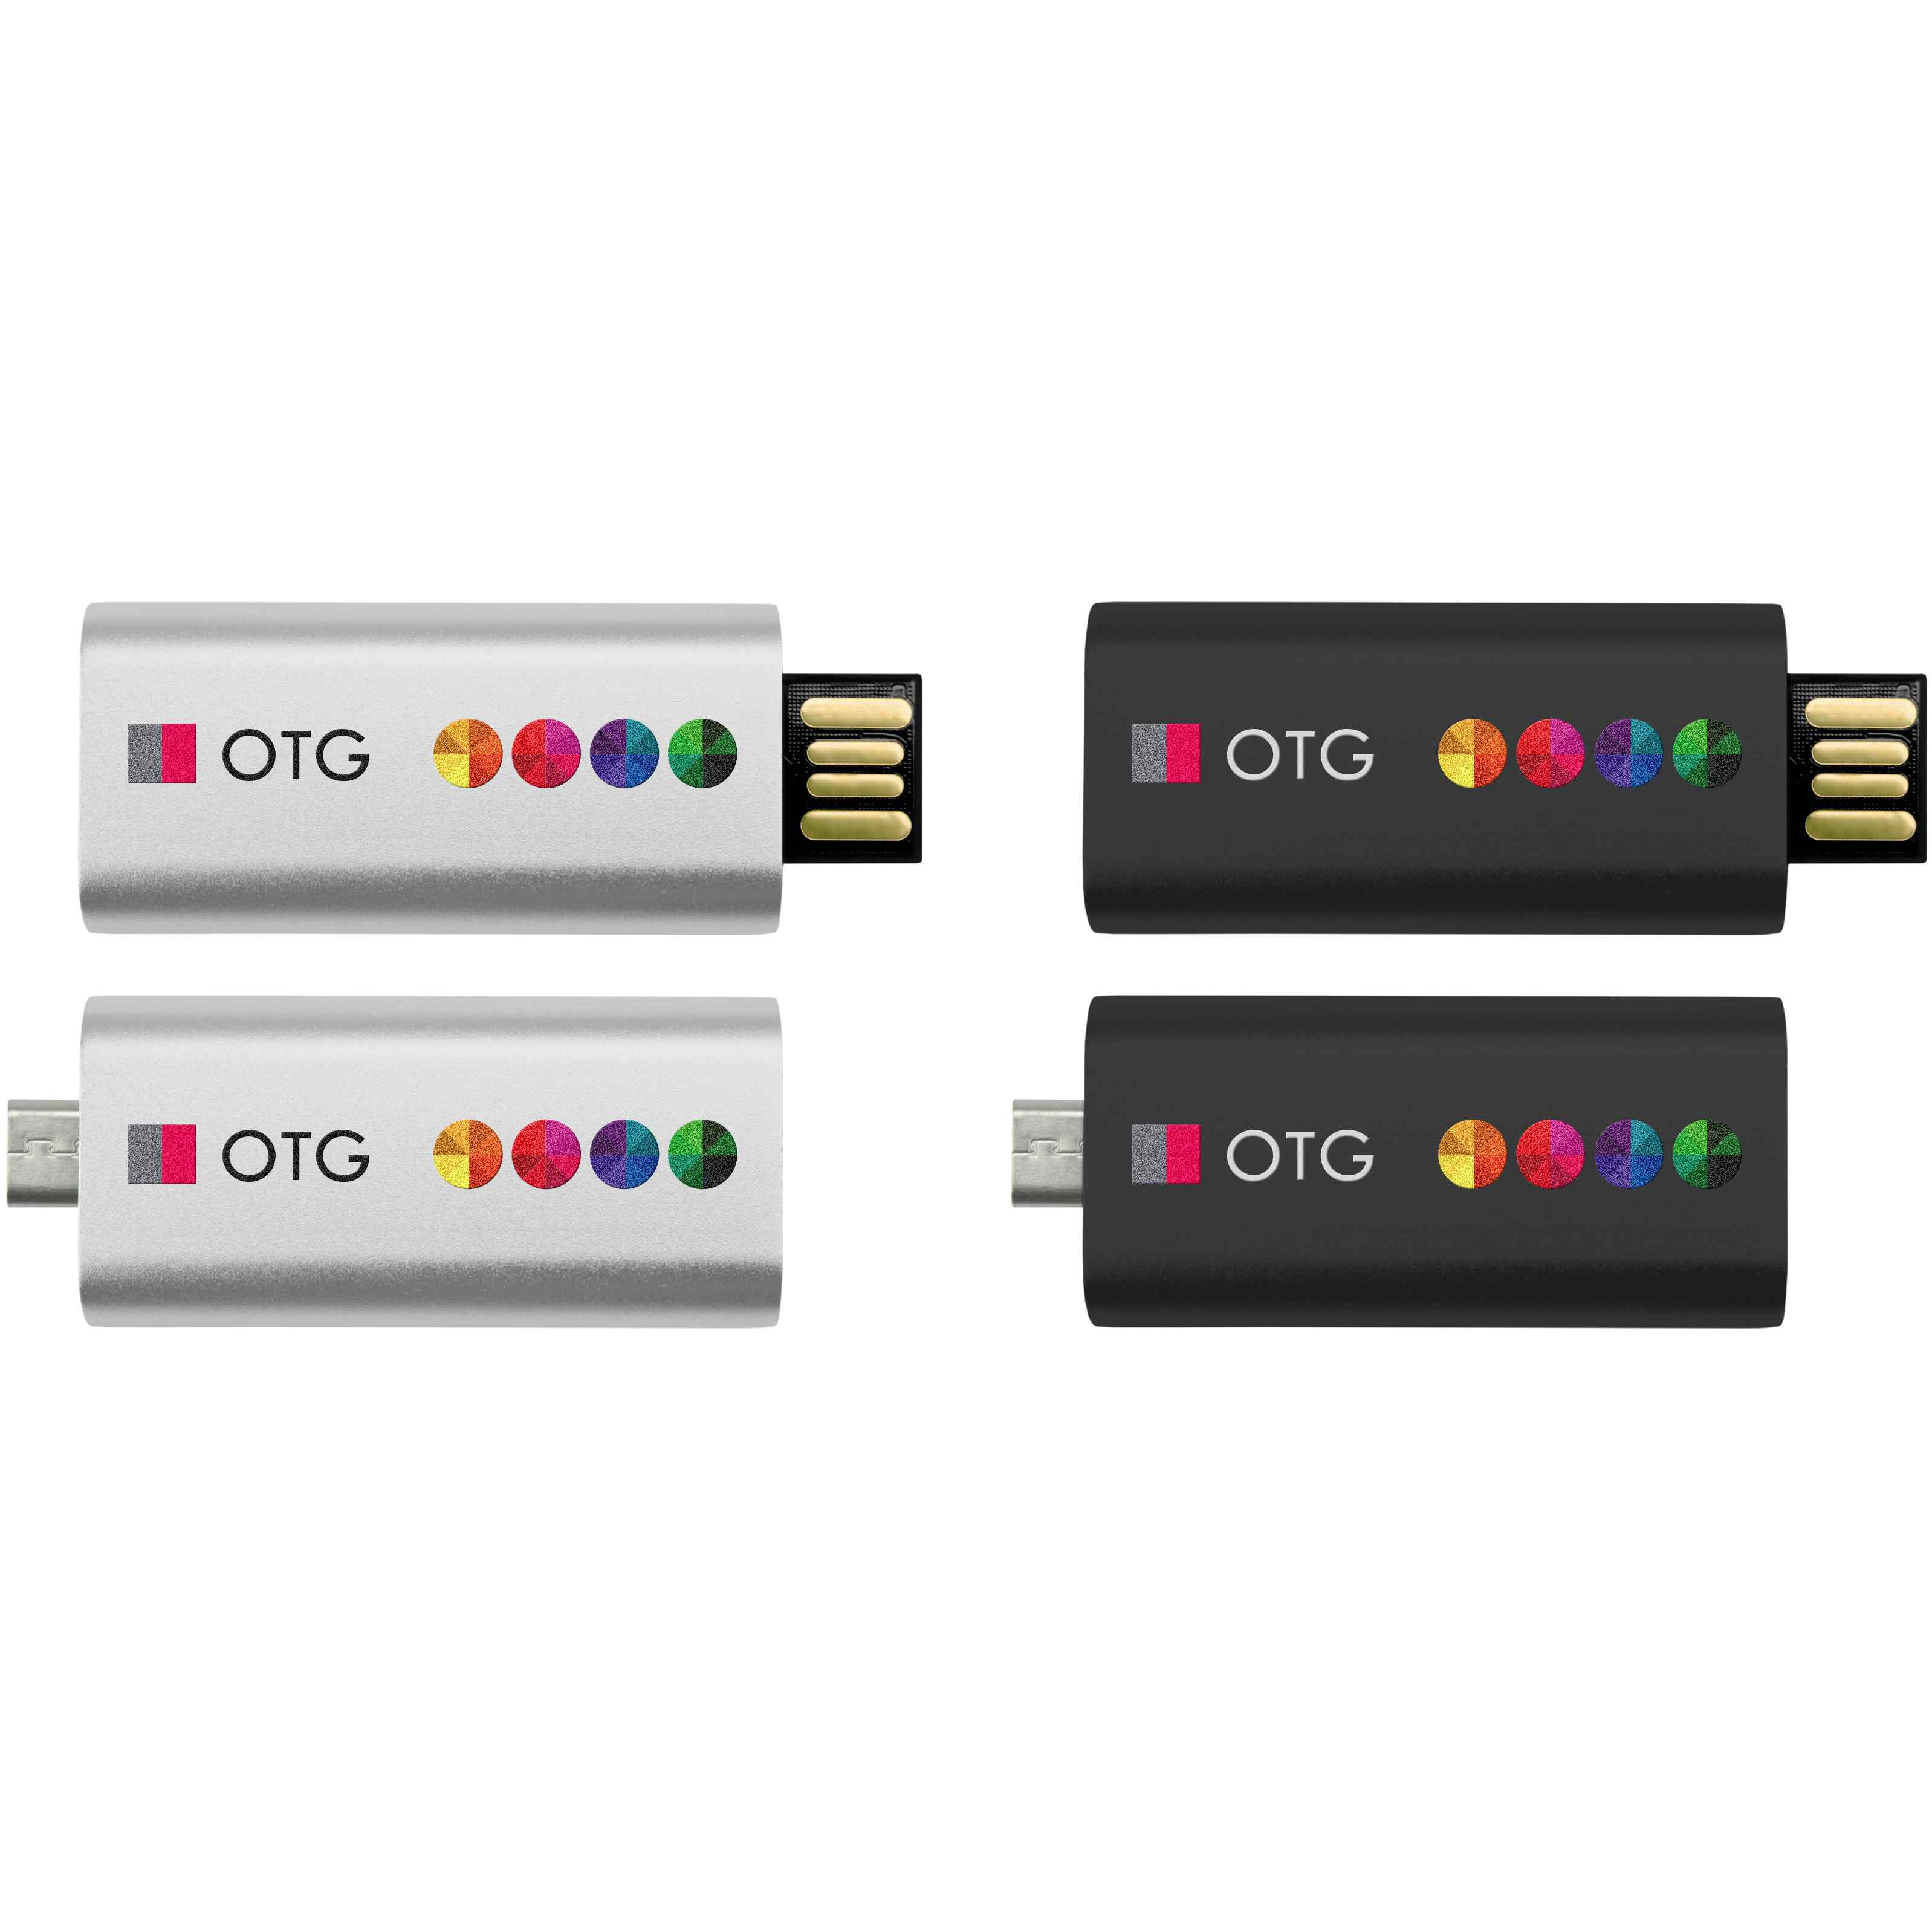 Clé USB publicitaire OTG Slide - clé USB promotionnelle